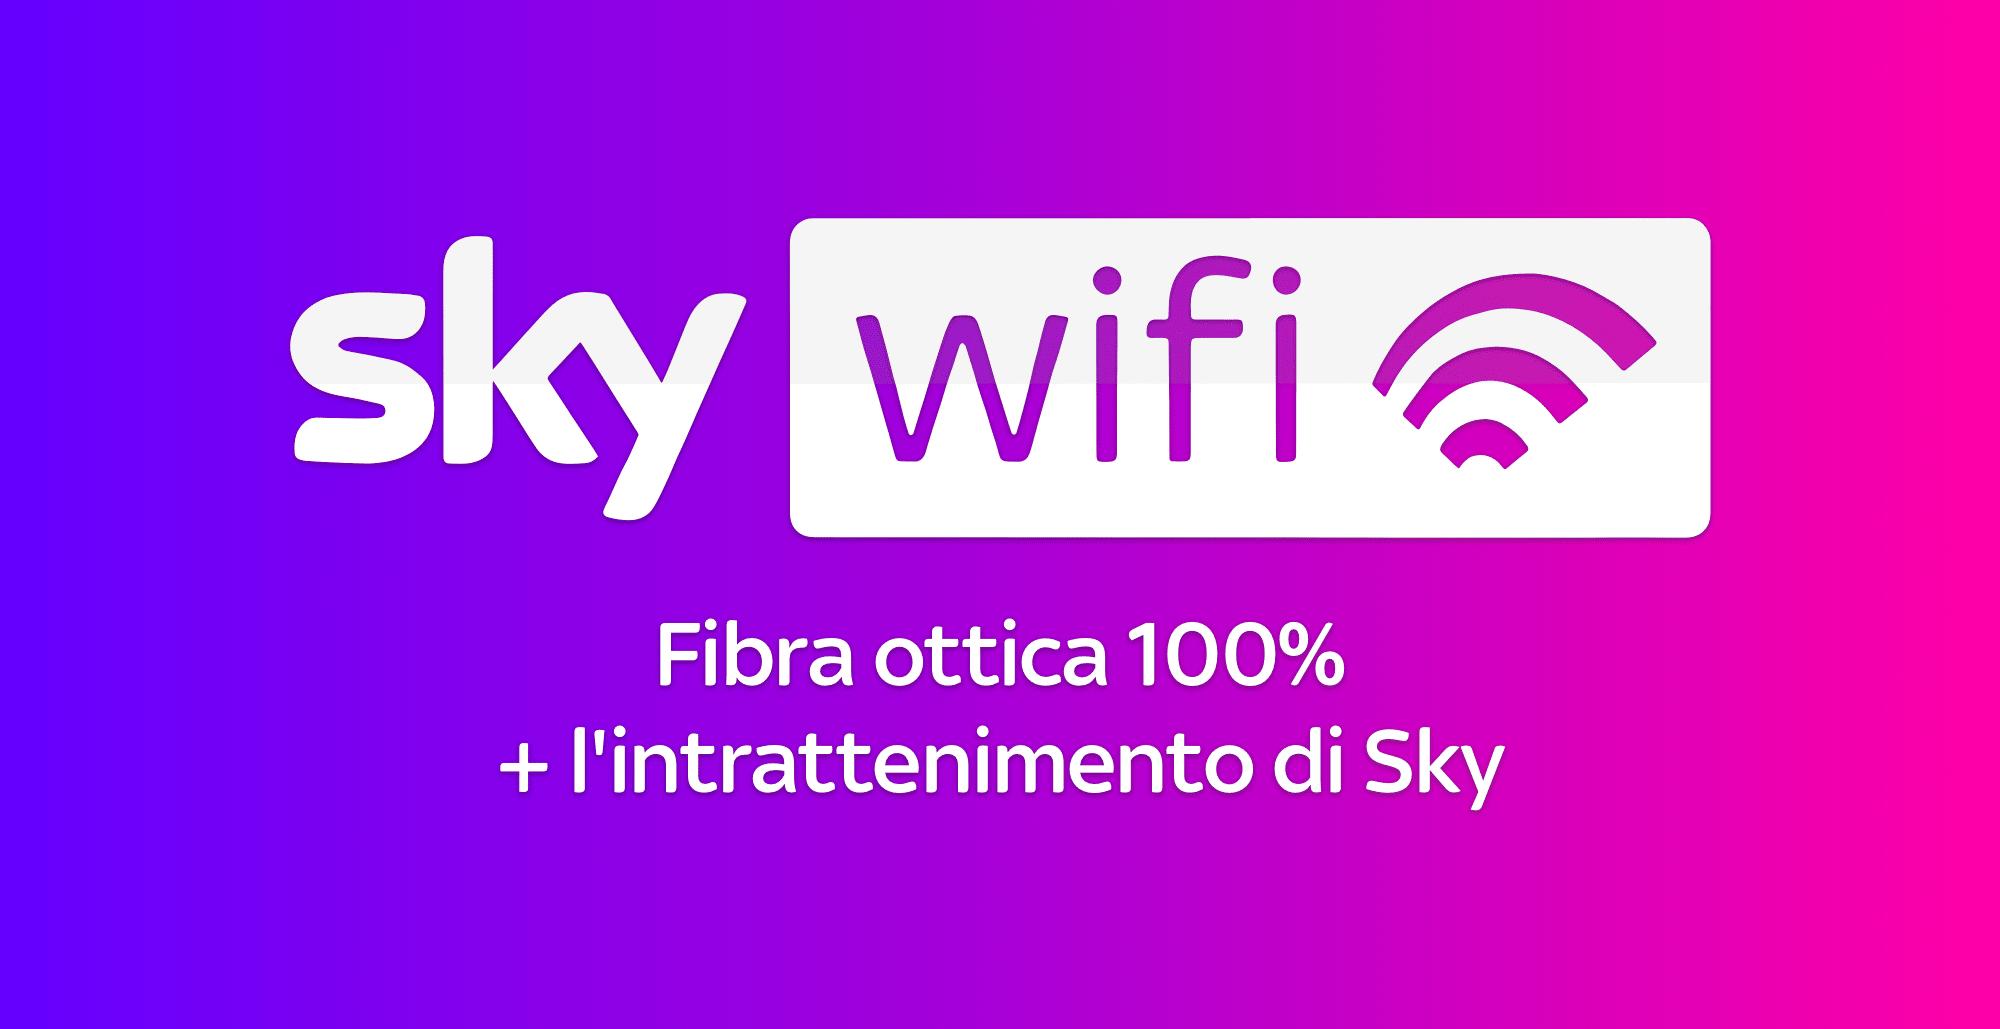 Sky Wifi Fibra e TV: la fibra ottica di Sky